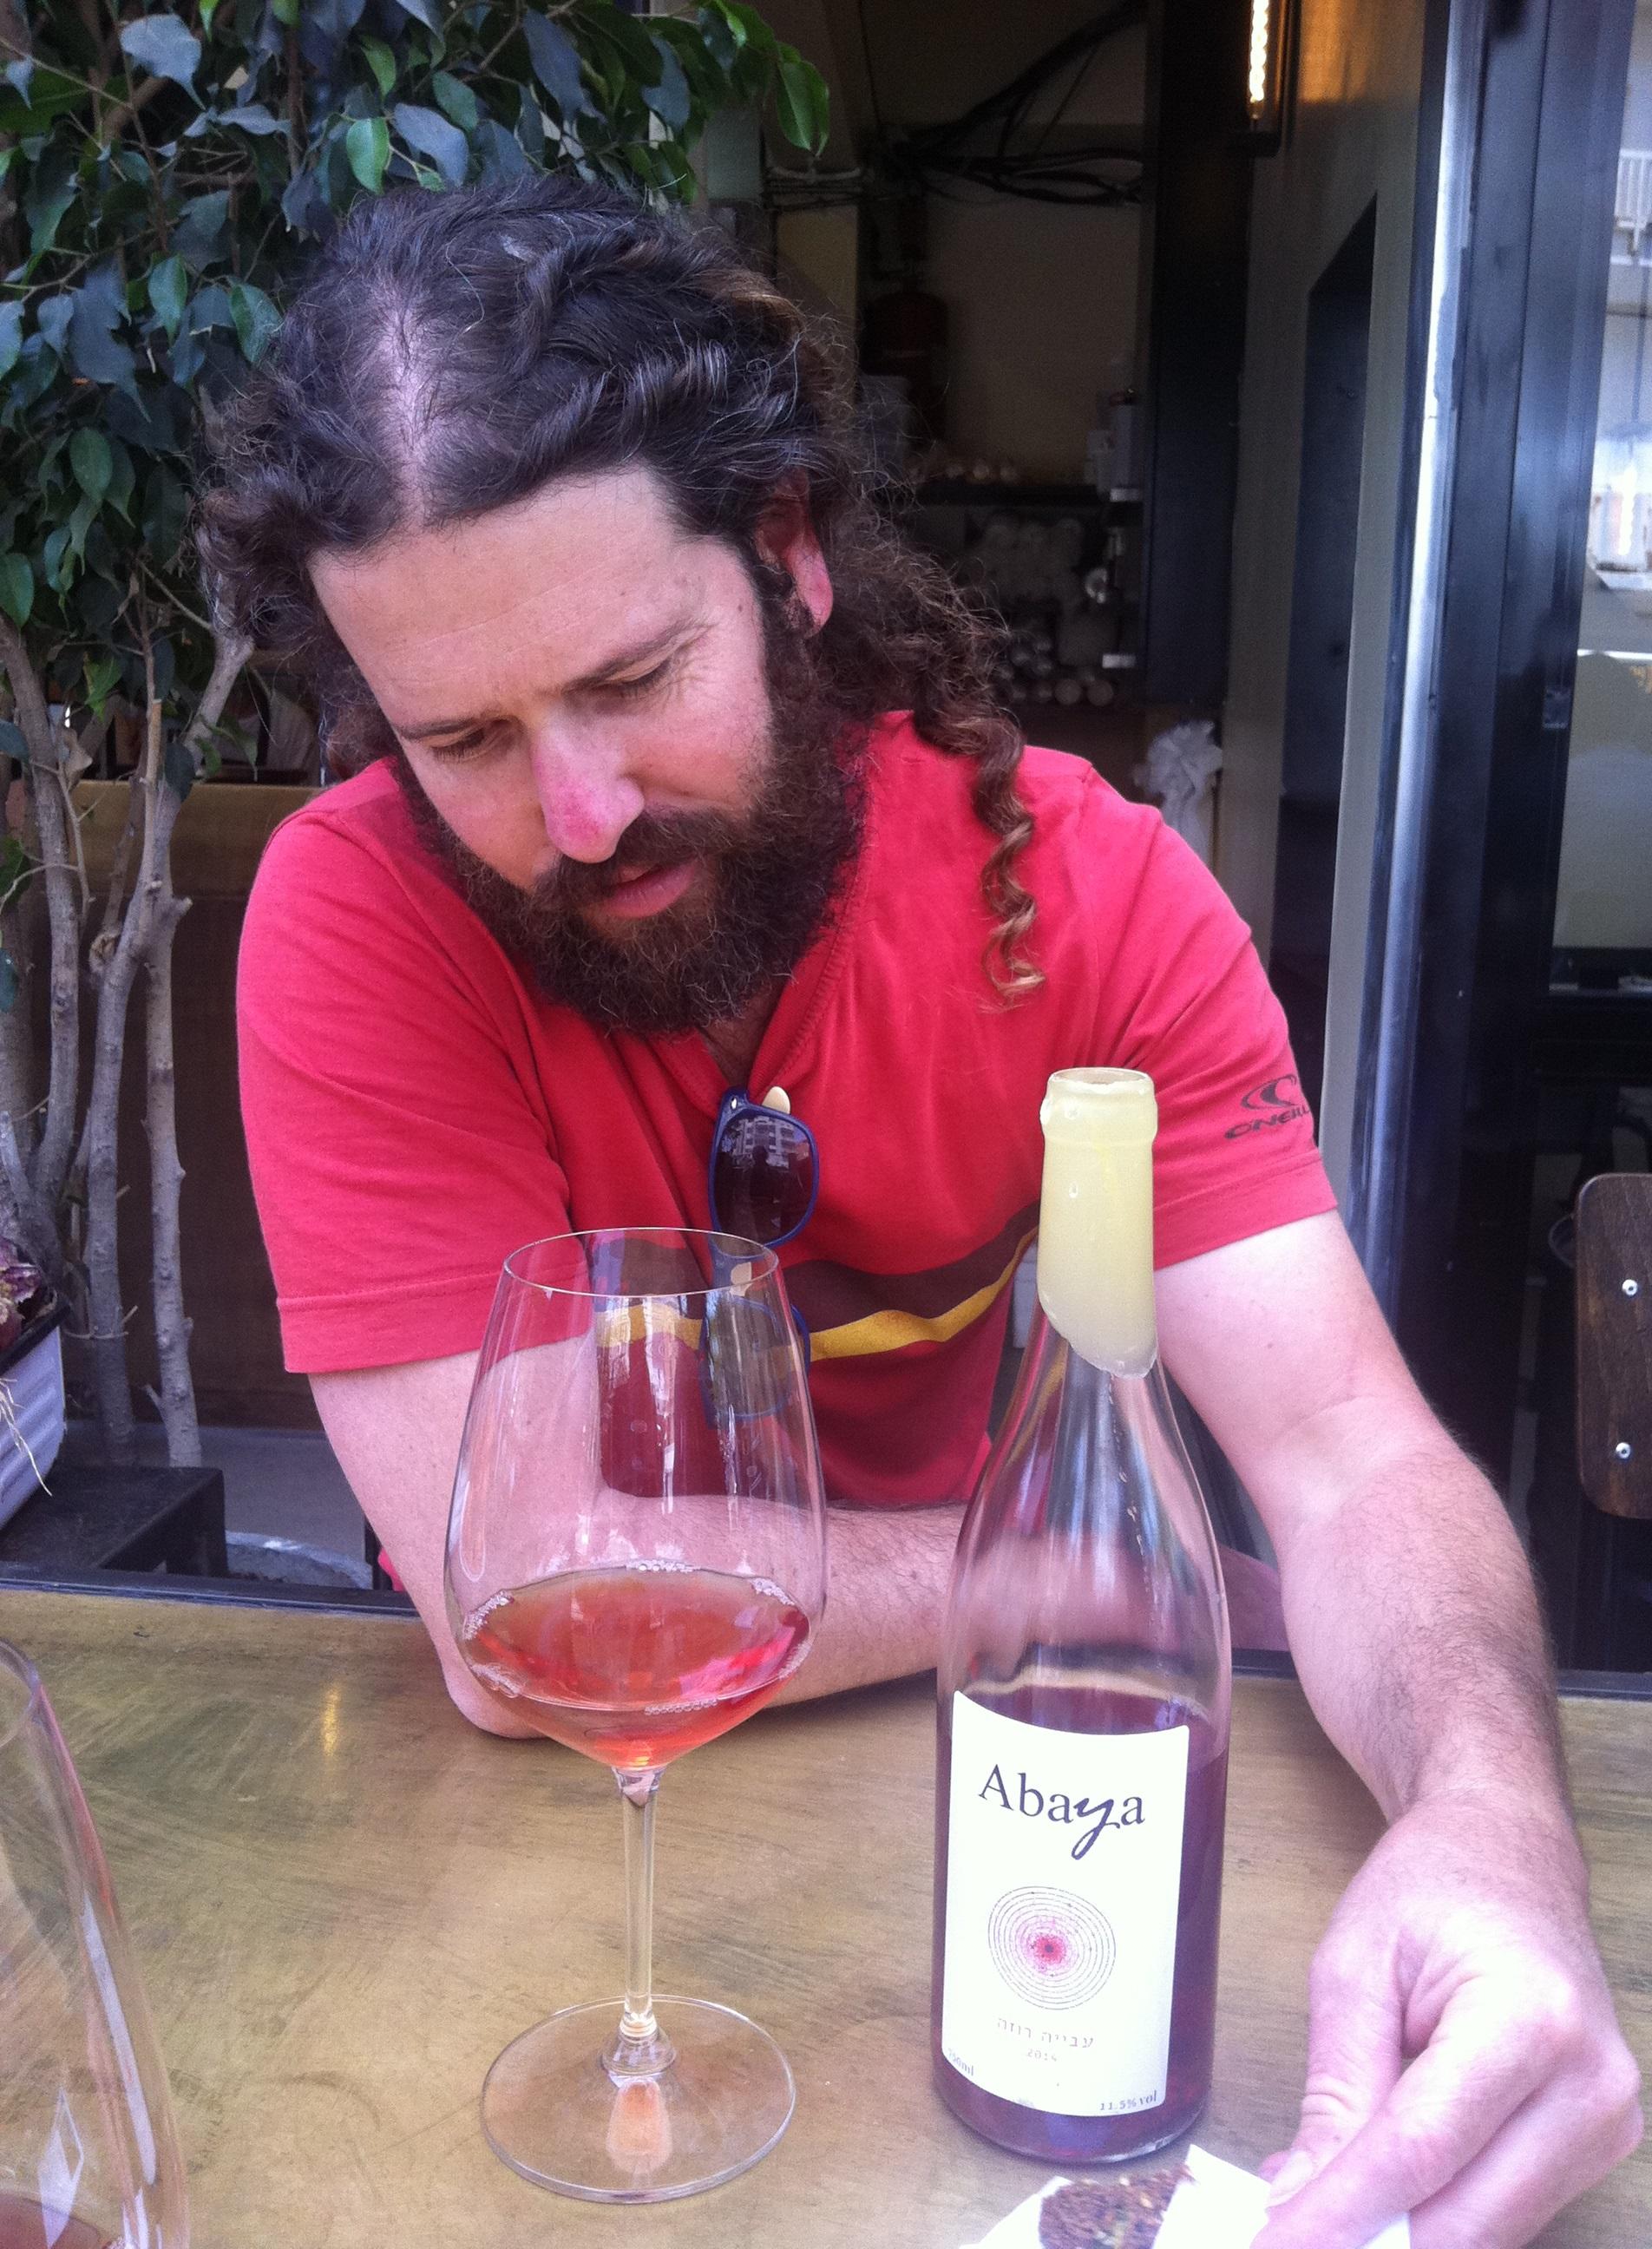 יין חסר תקדים. נועז, חצוף, לא מתוק, לא פירותי, אבל גם לא יבש מאד. יין חי, מהורהר, מהרהר ובעיקר מהדהד...